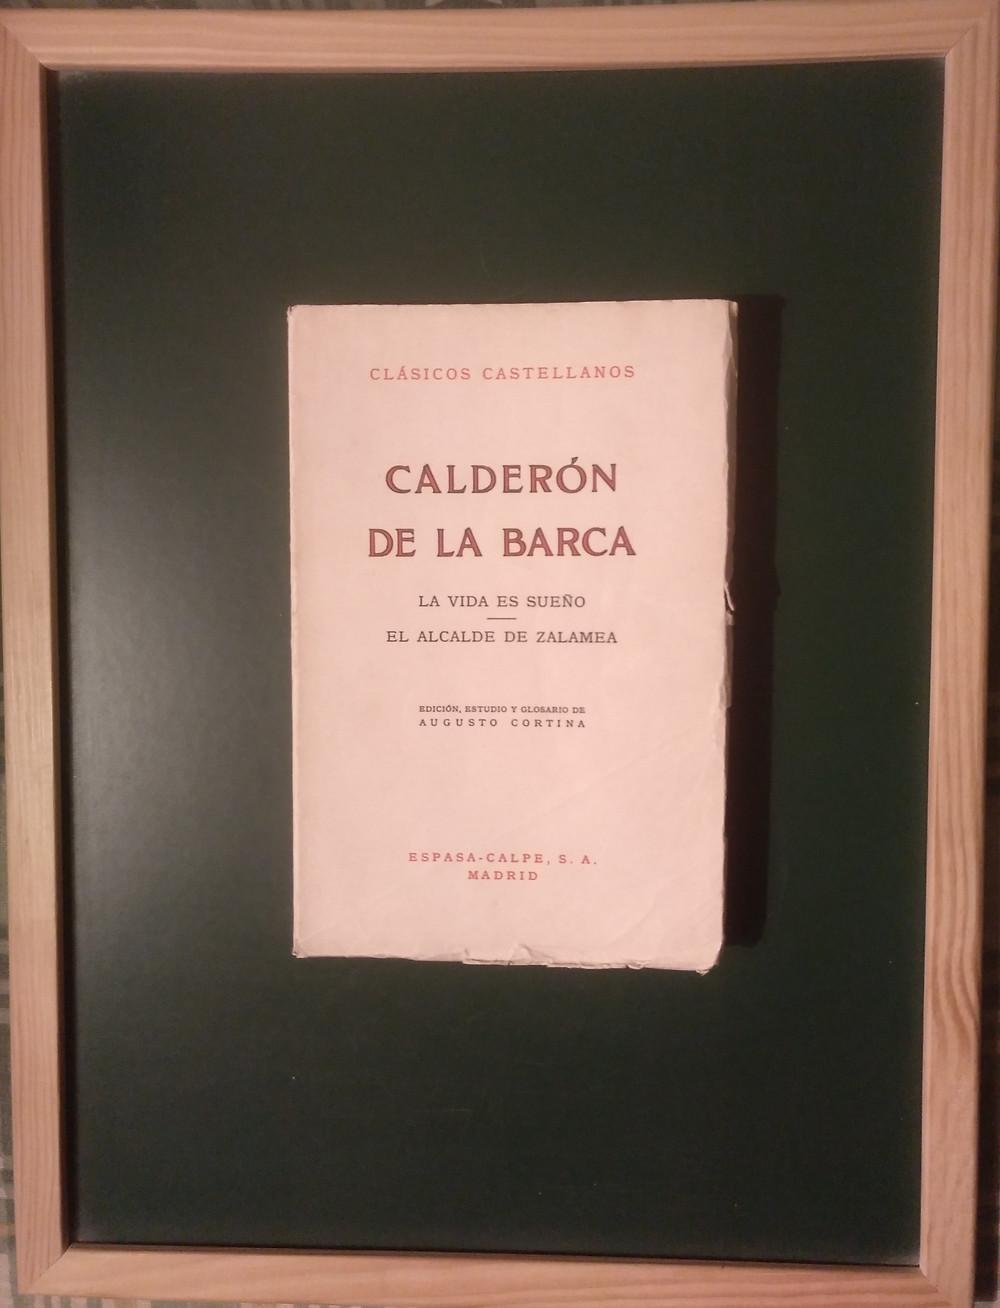 Clásicos Castellanos. Calderón de la Barca. La vida es sueño. El alcalde de Zalamea. Espasa-Calpe. Madrid. 1971. Edición, estudios y glosario de Augusto Cortina.